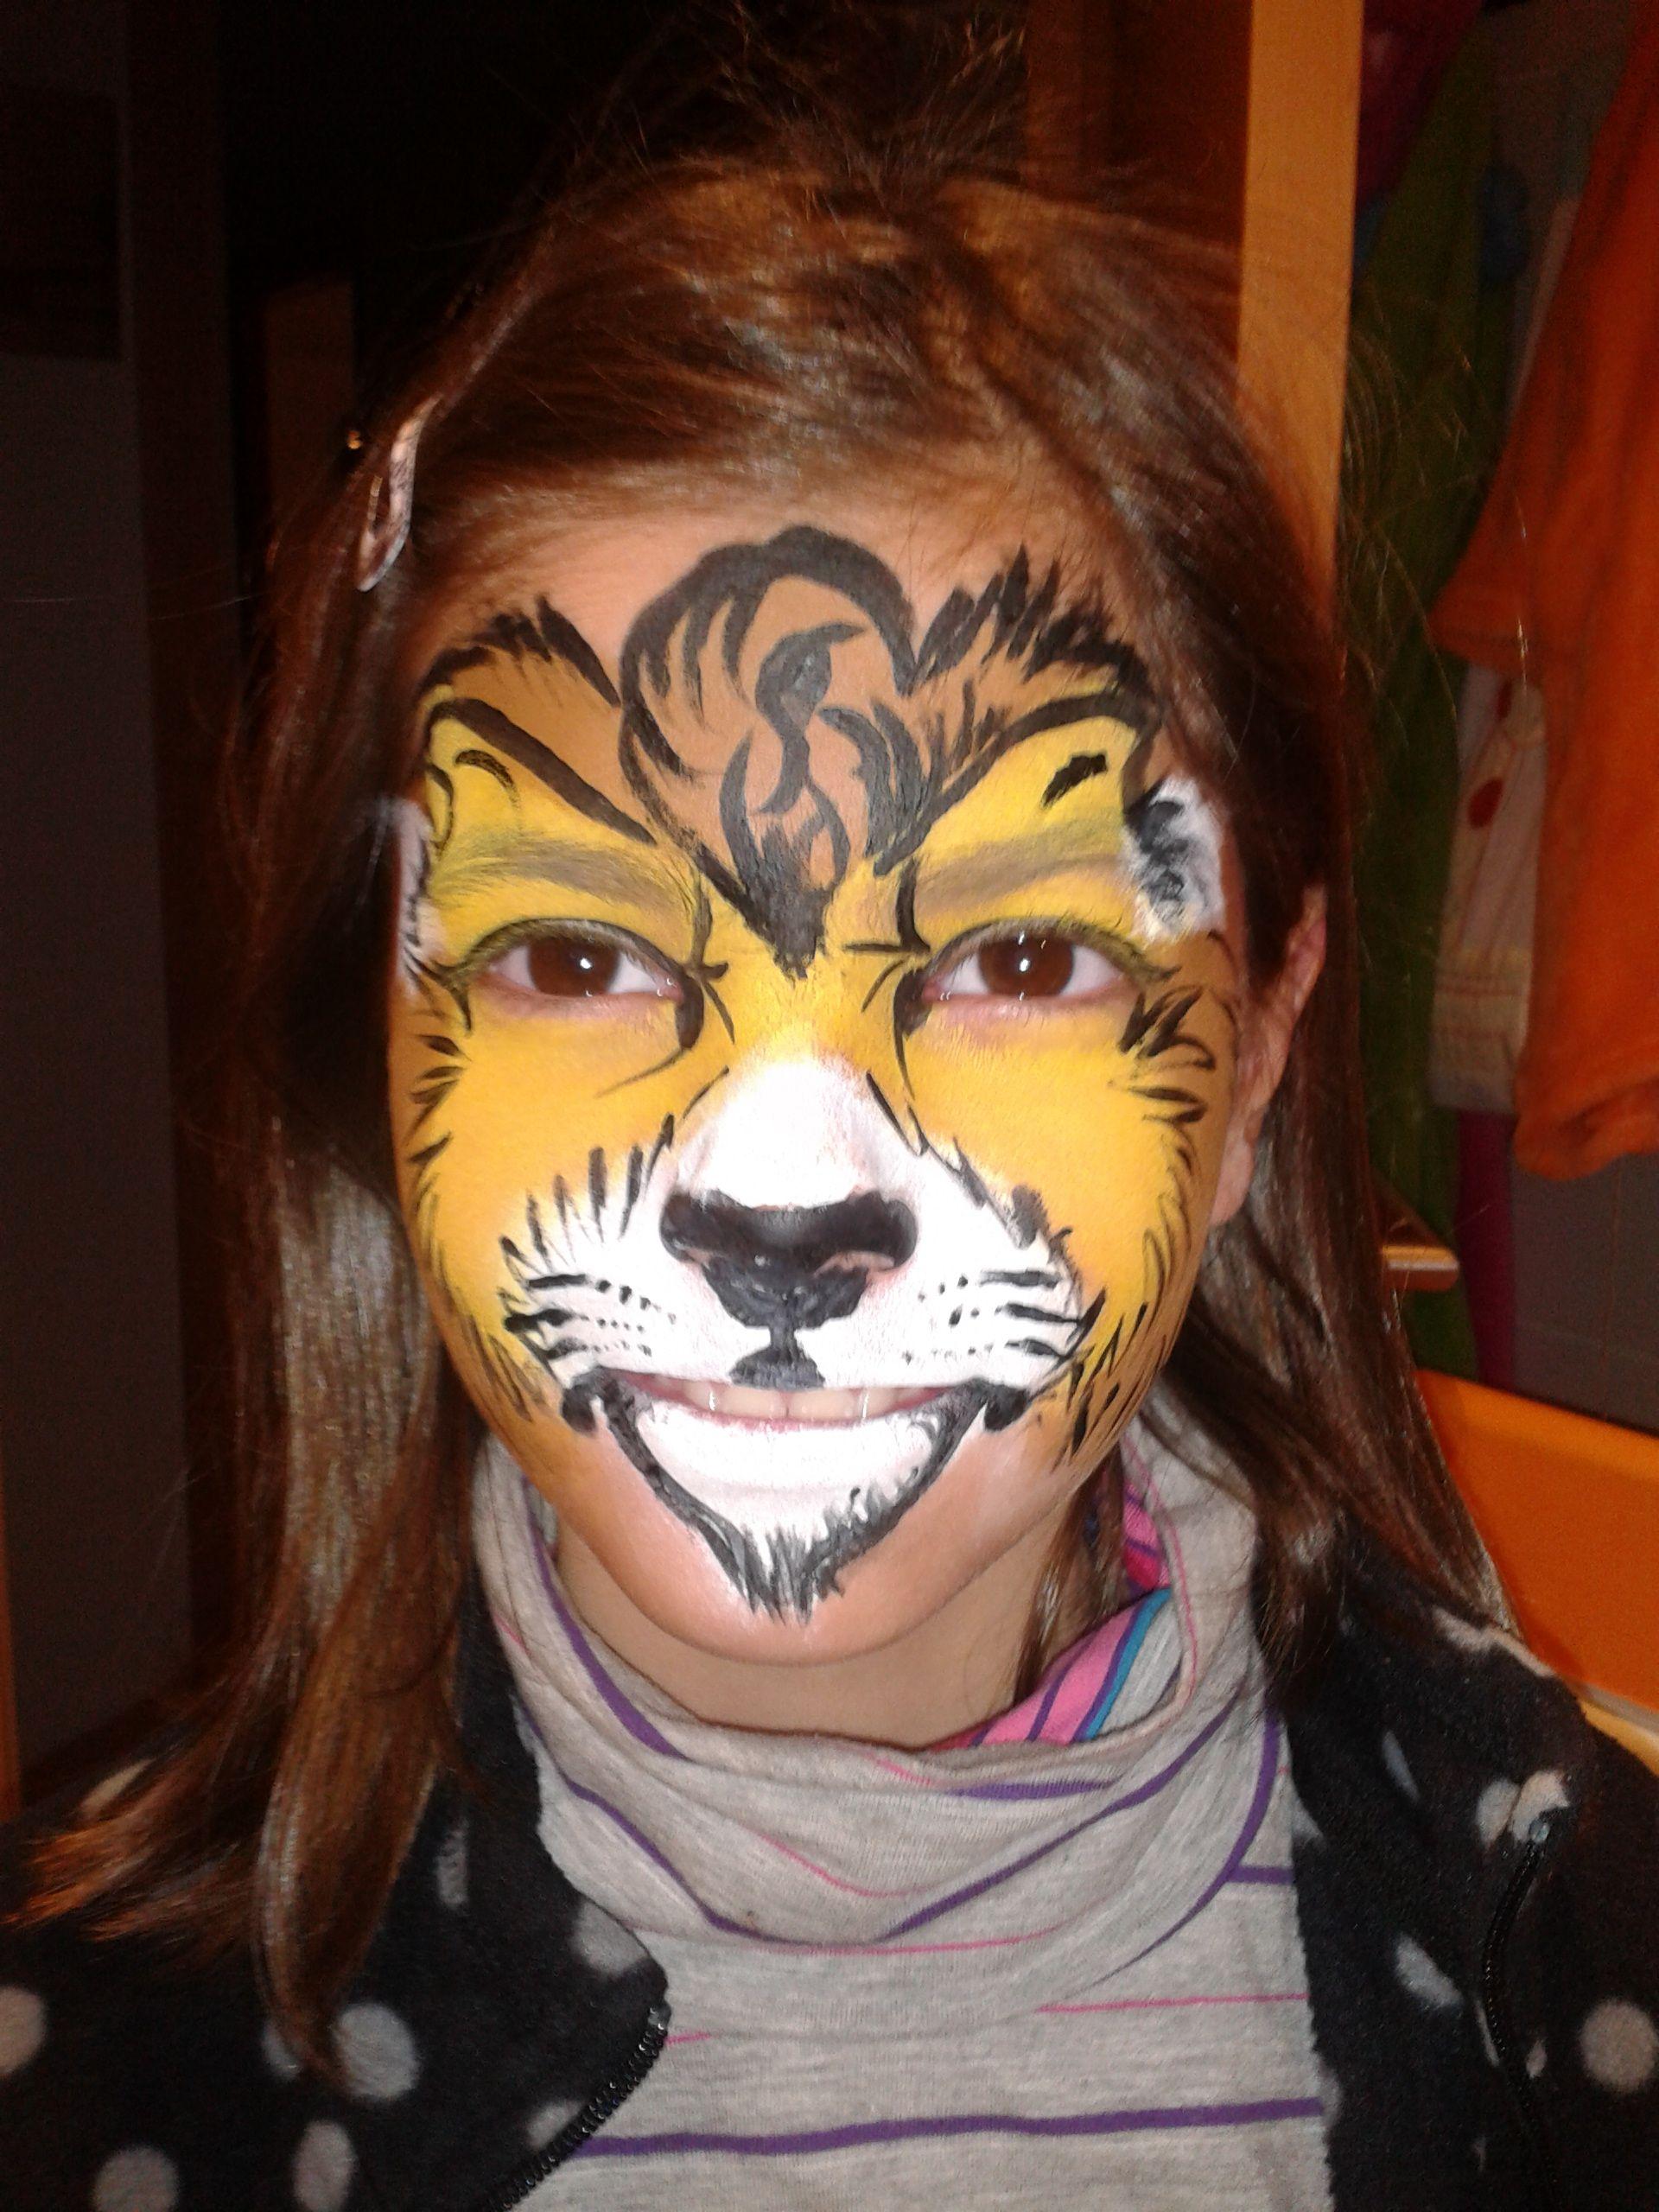 Mi león favorito. Pinto tu cara ofrece este maquillaje de cara tan original. Los niños se quedan estupefactos cuando se miran al espejo.